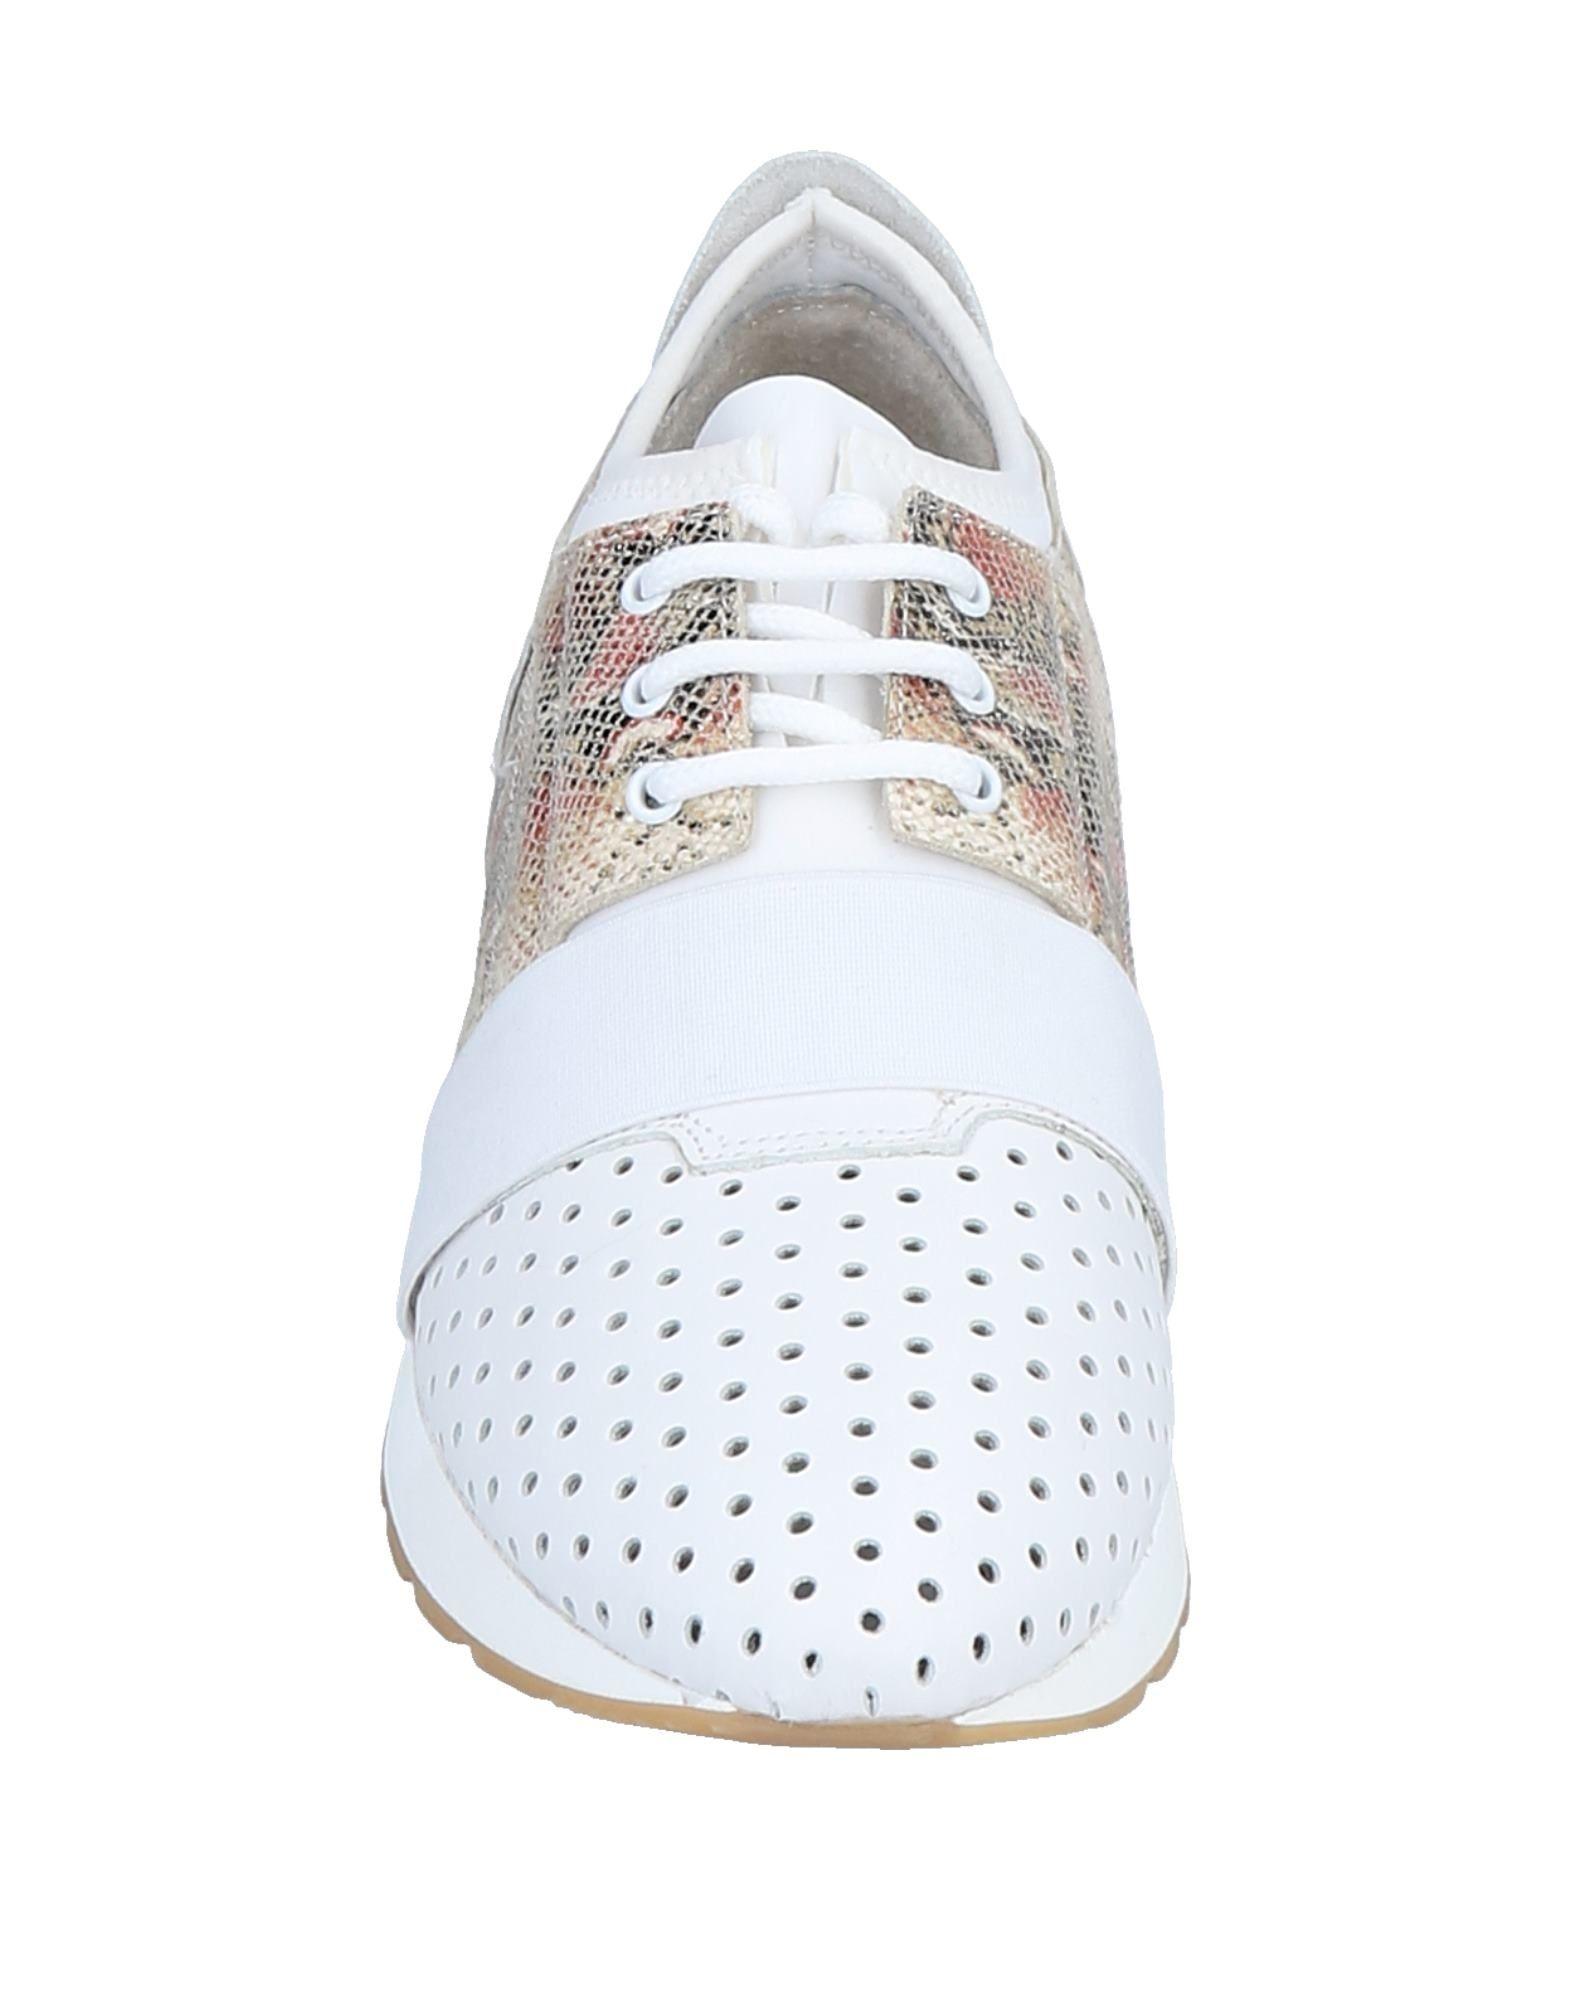 Tsd12 Preis-Leistungs-Verhältnis, Sneakers Damen Gutes Preis-Leistungs-Verhältnis, Tsd12 es lohnt sich 0ec901